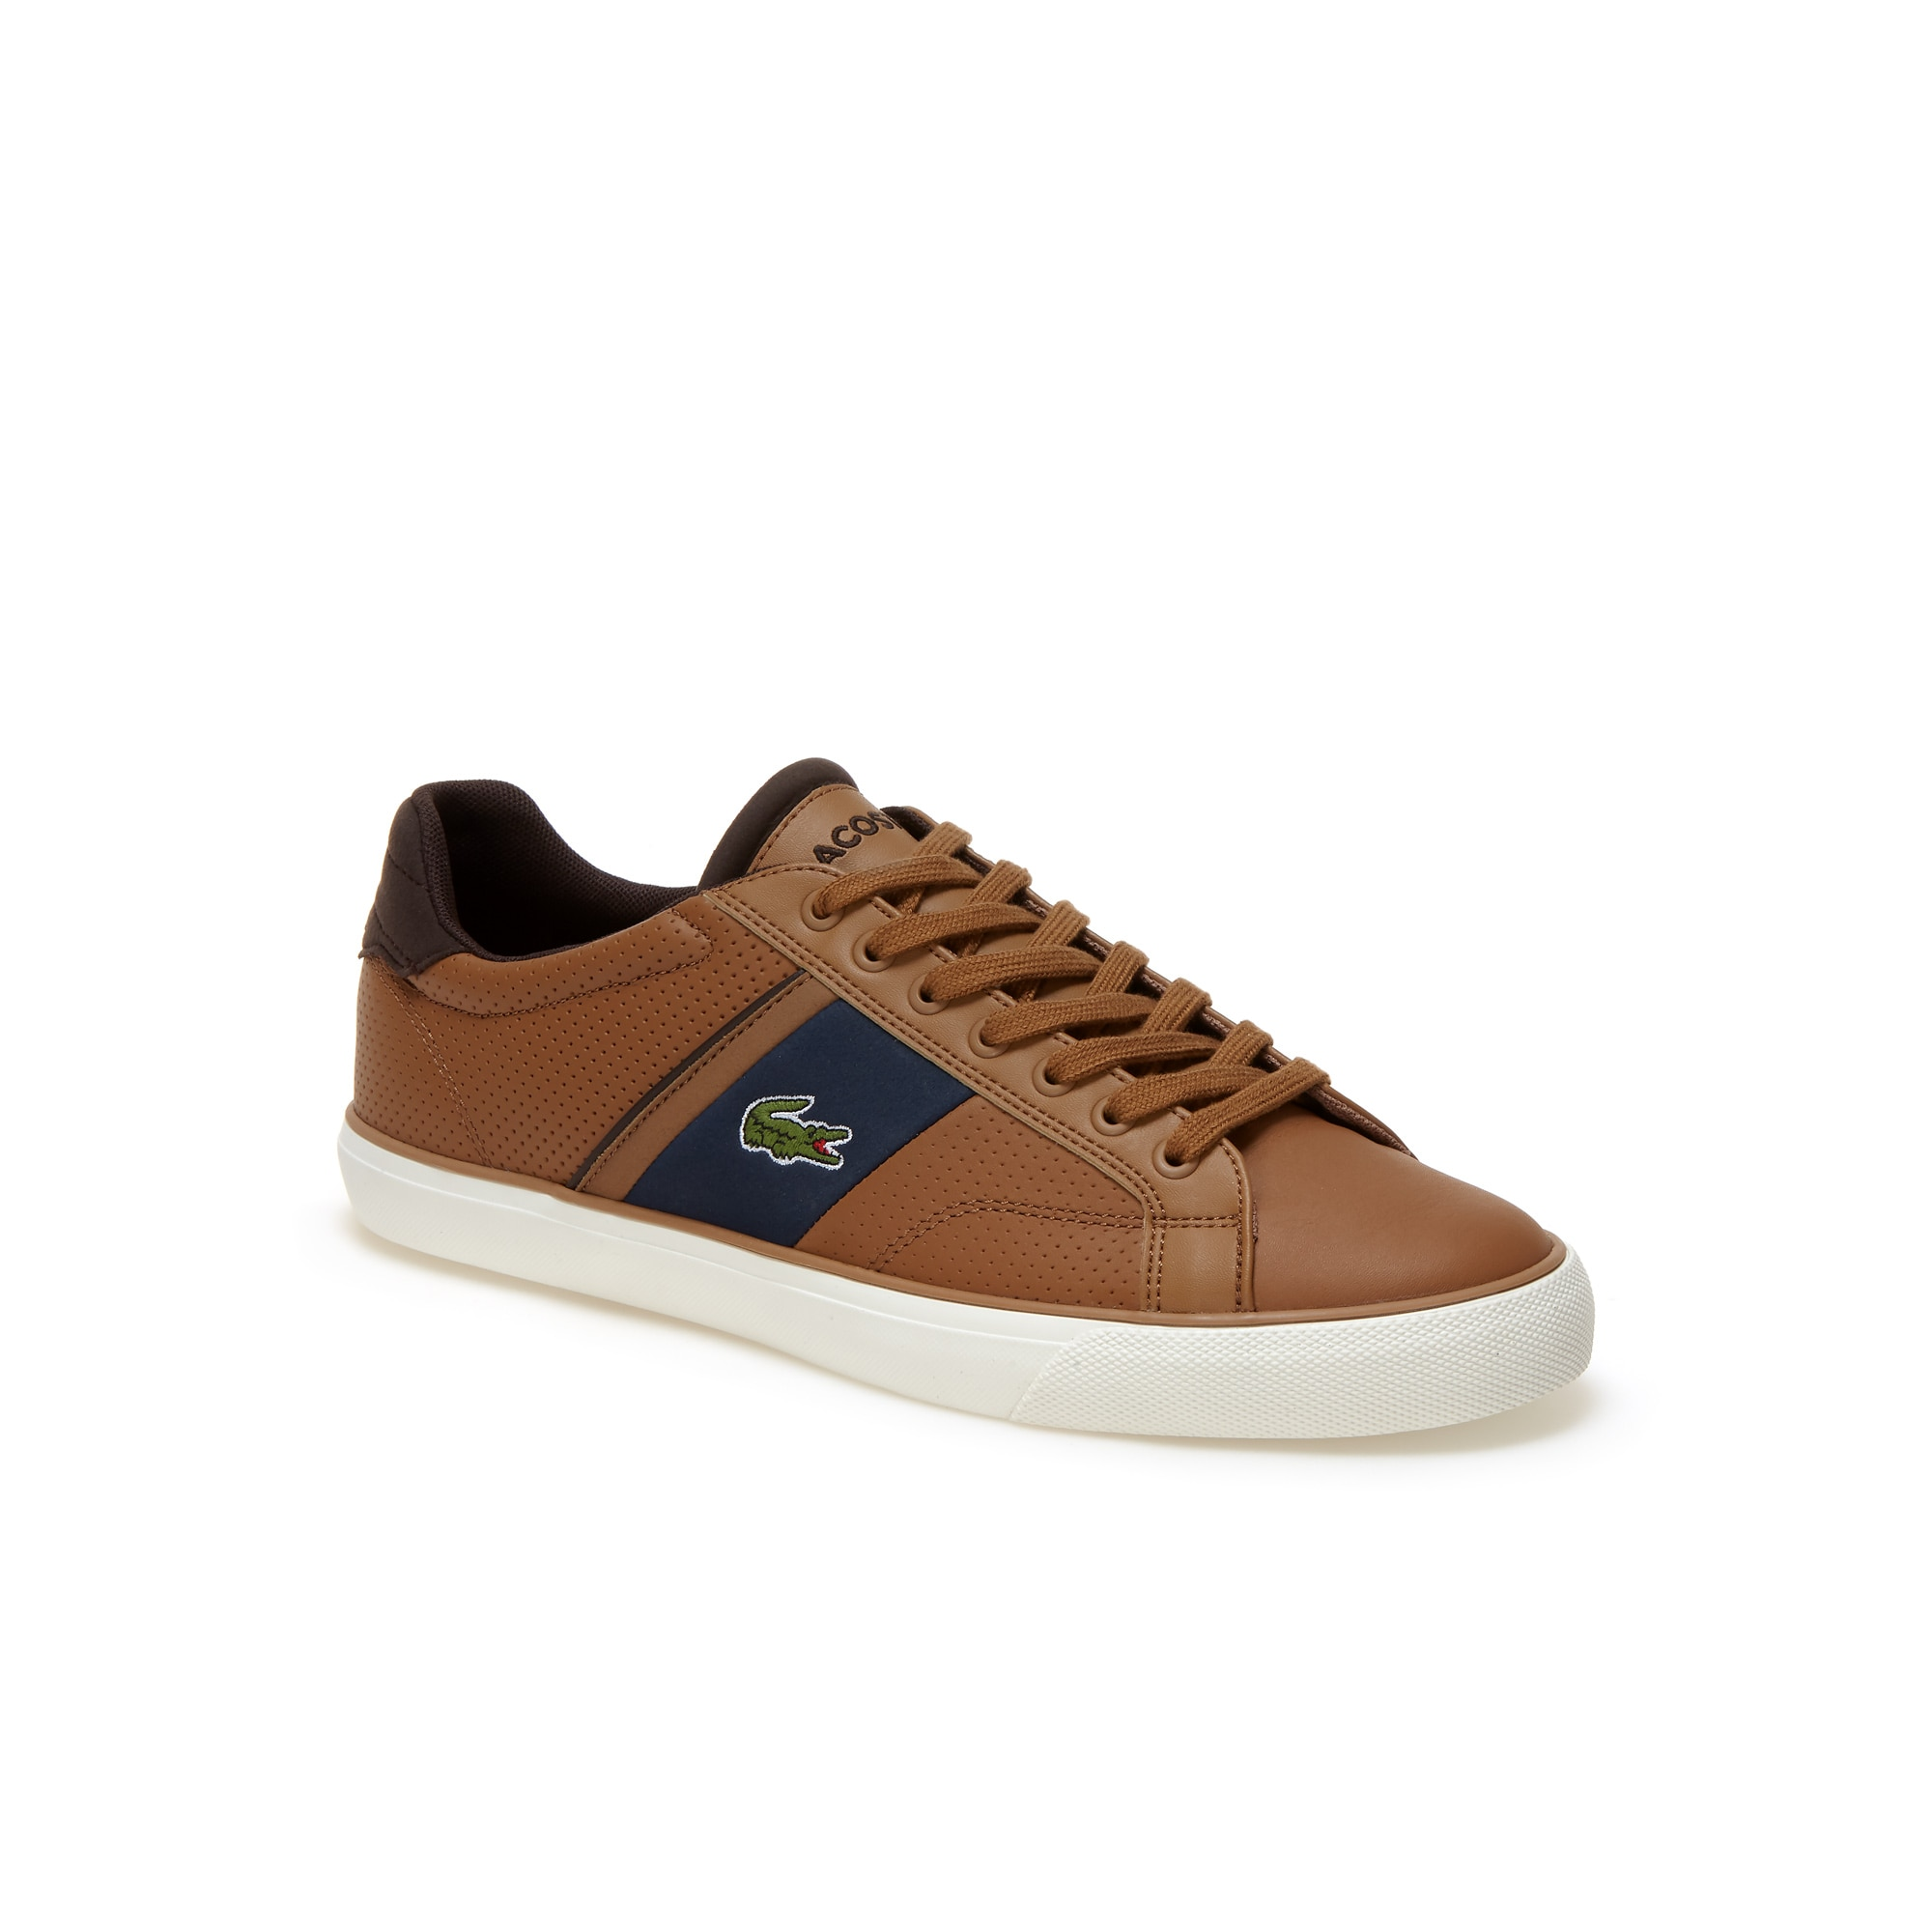 Sneakers Fairlead en cuir